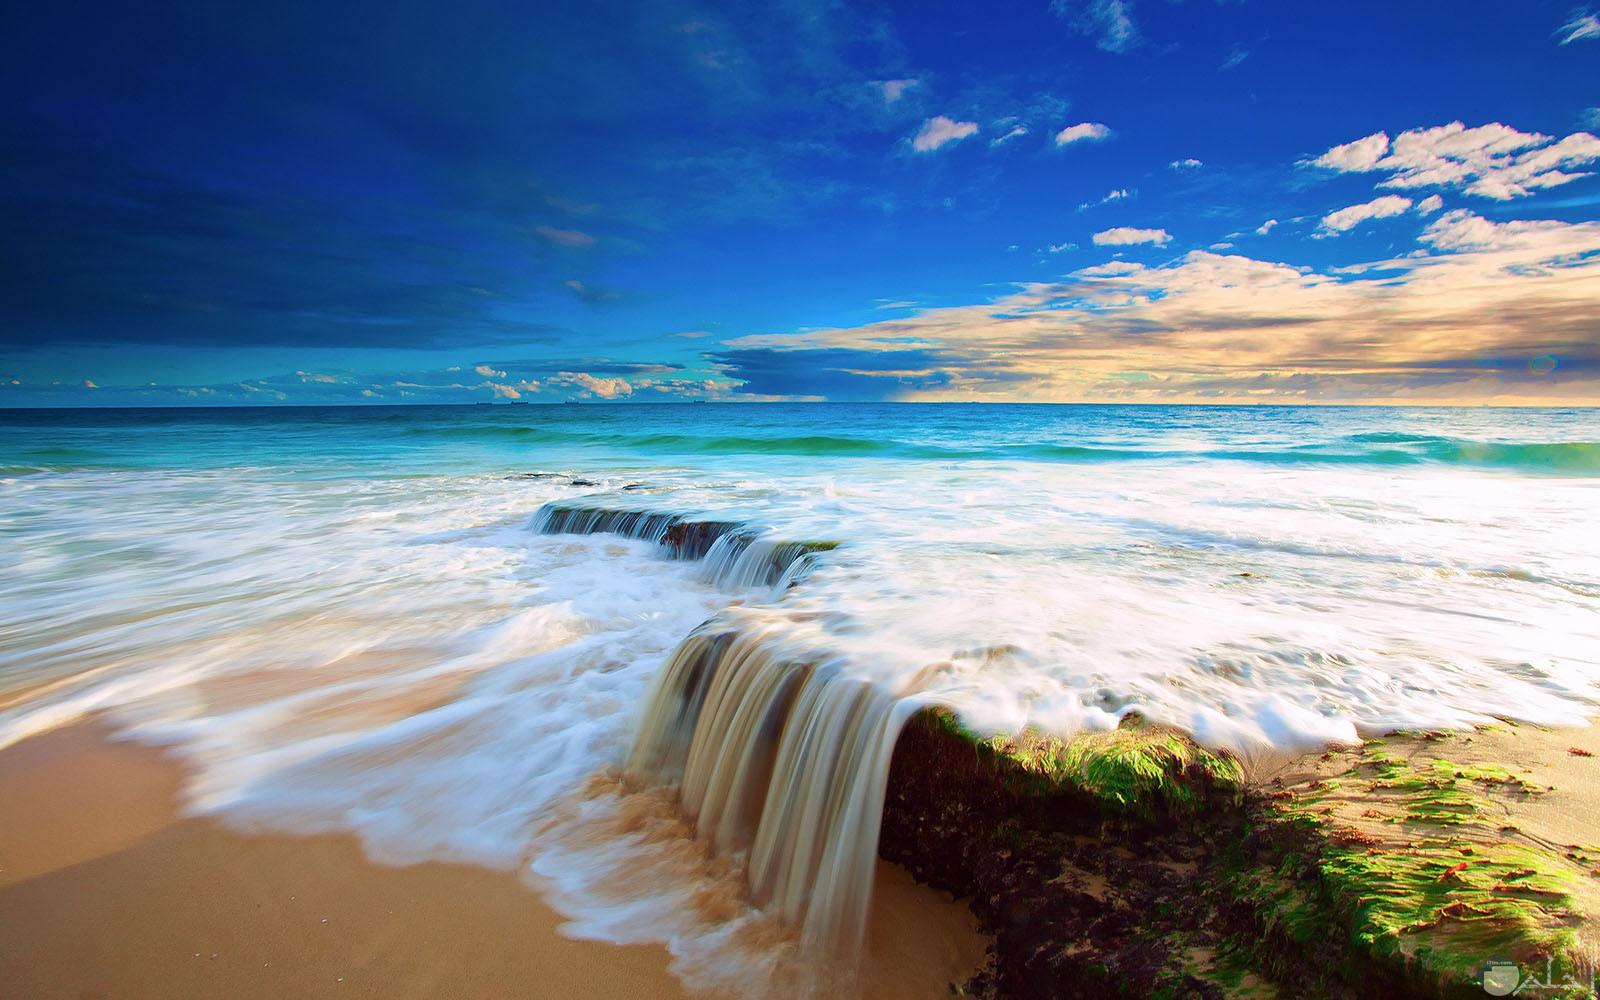 صورة رائعة للبحر والشروق